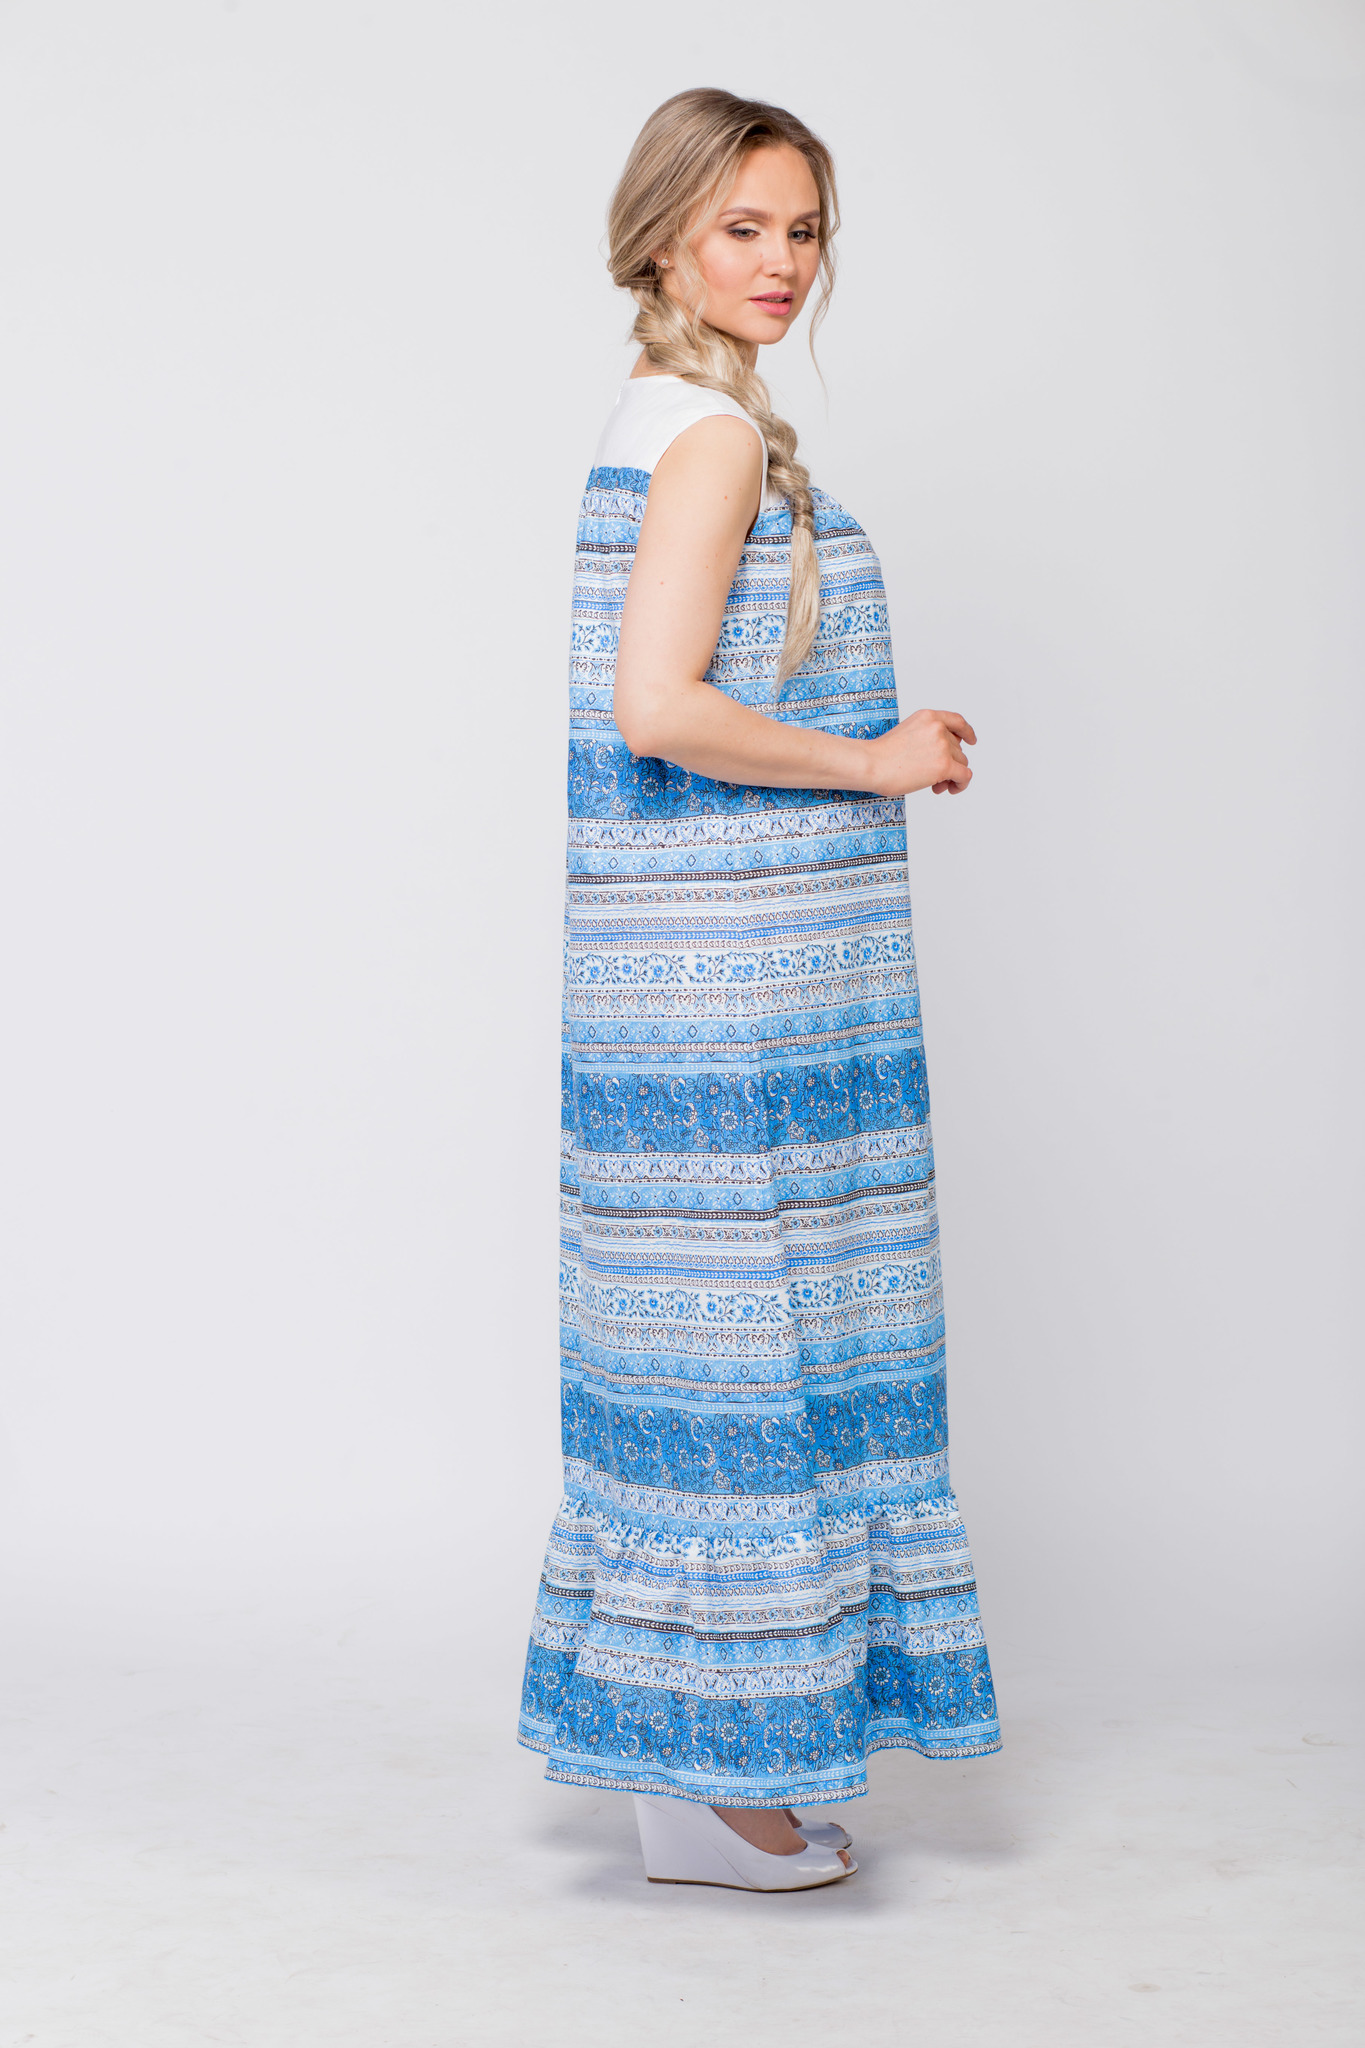 Платье льняное Утренняя роса вид сбоку